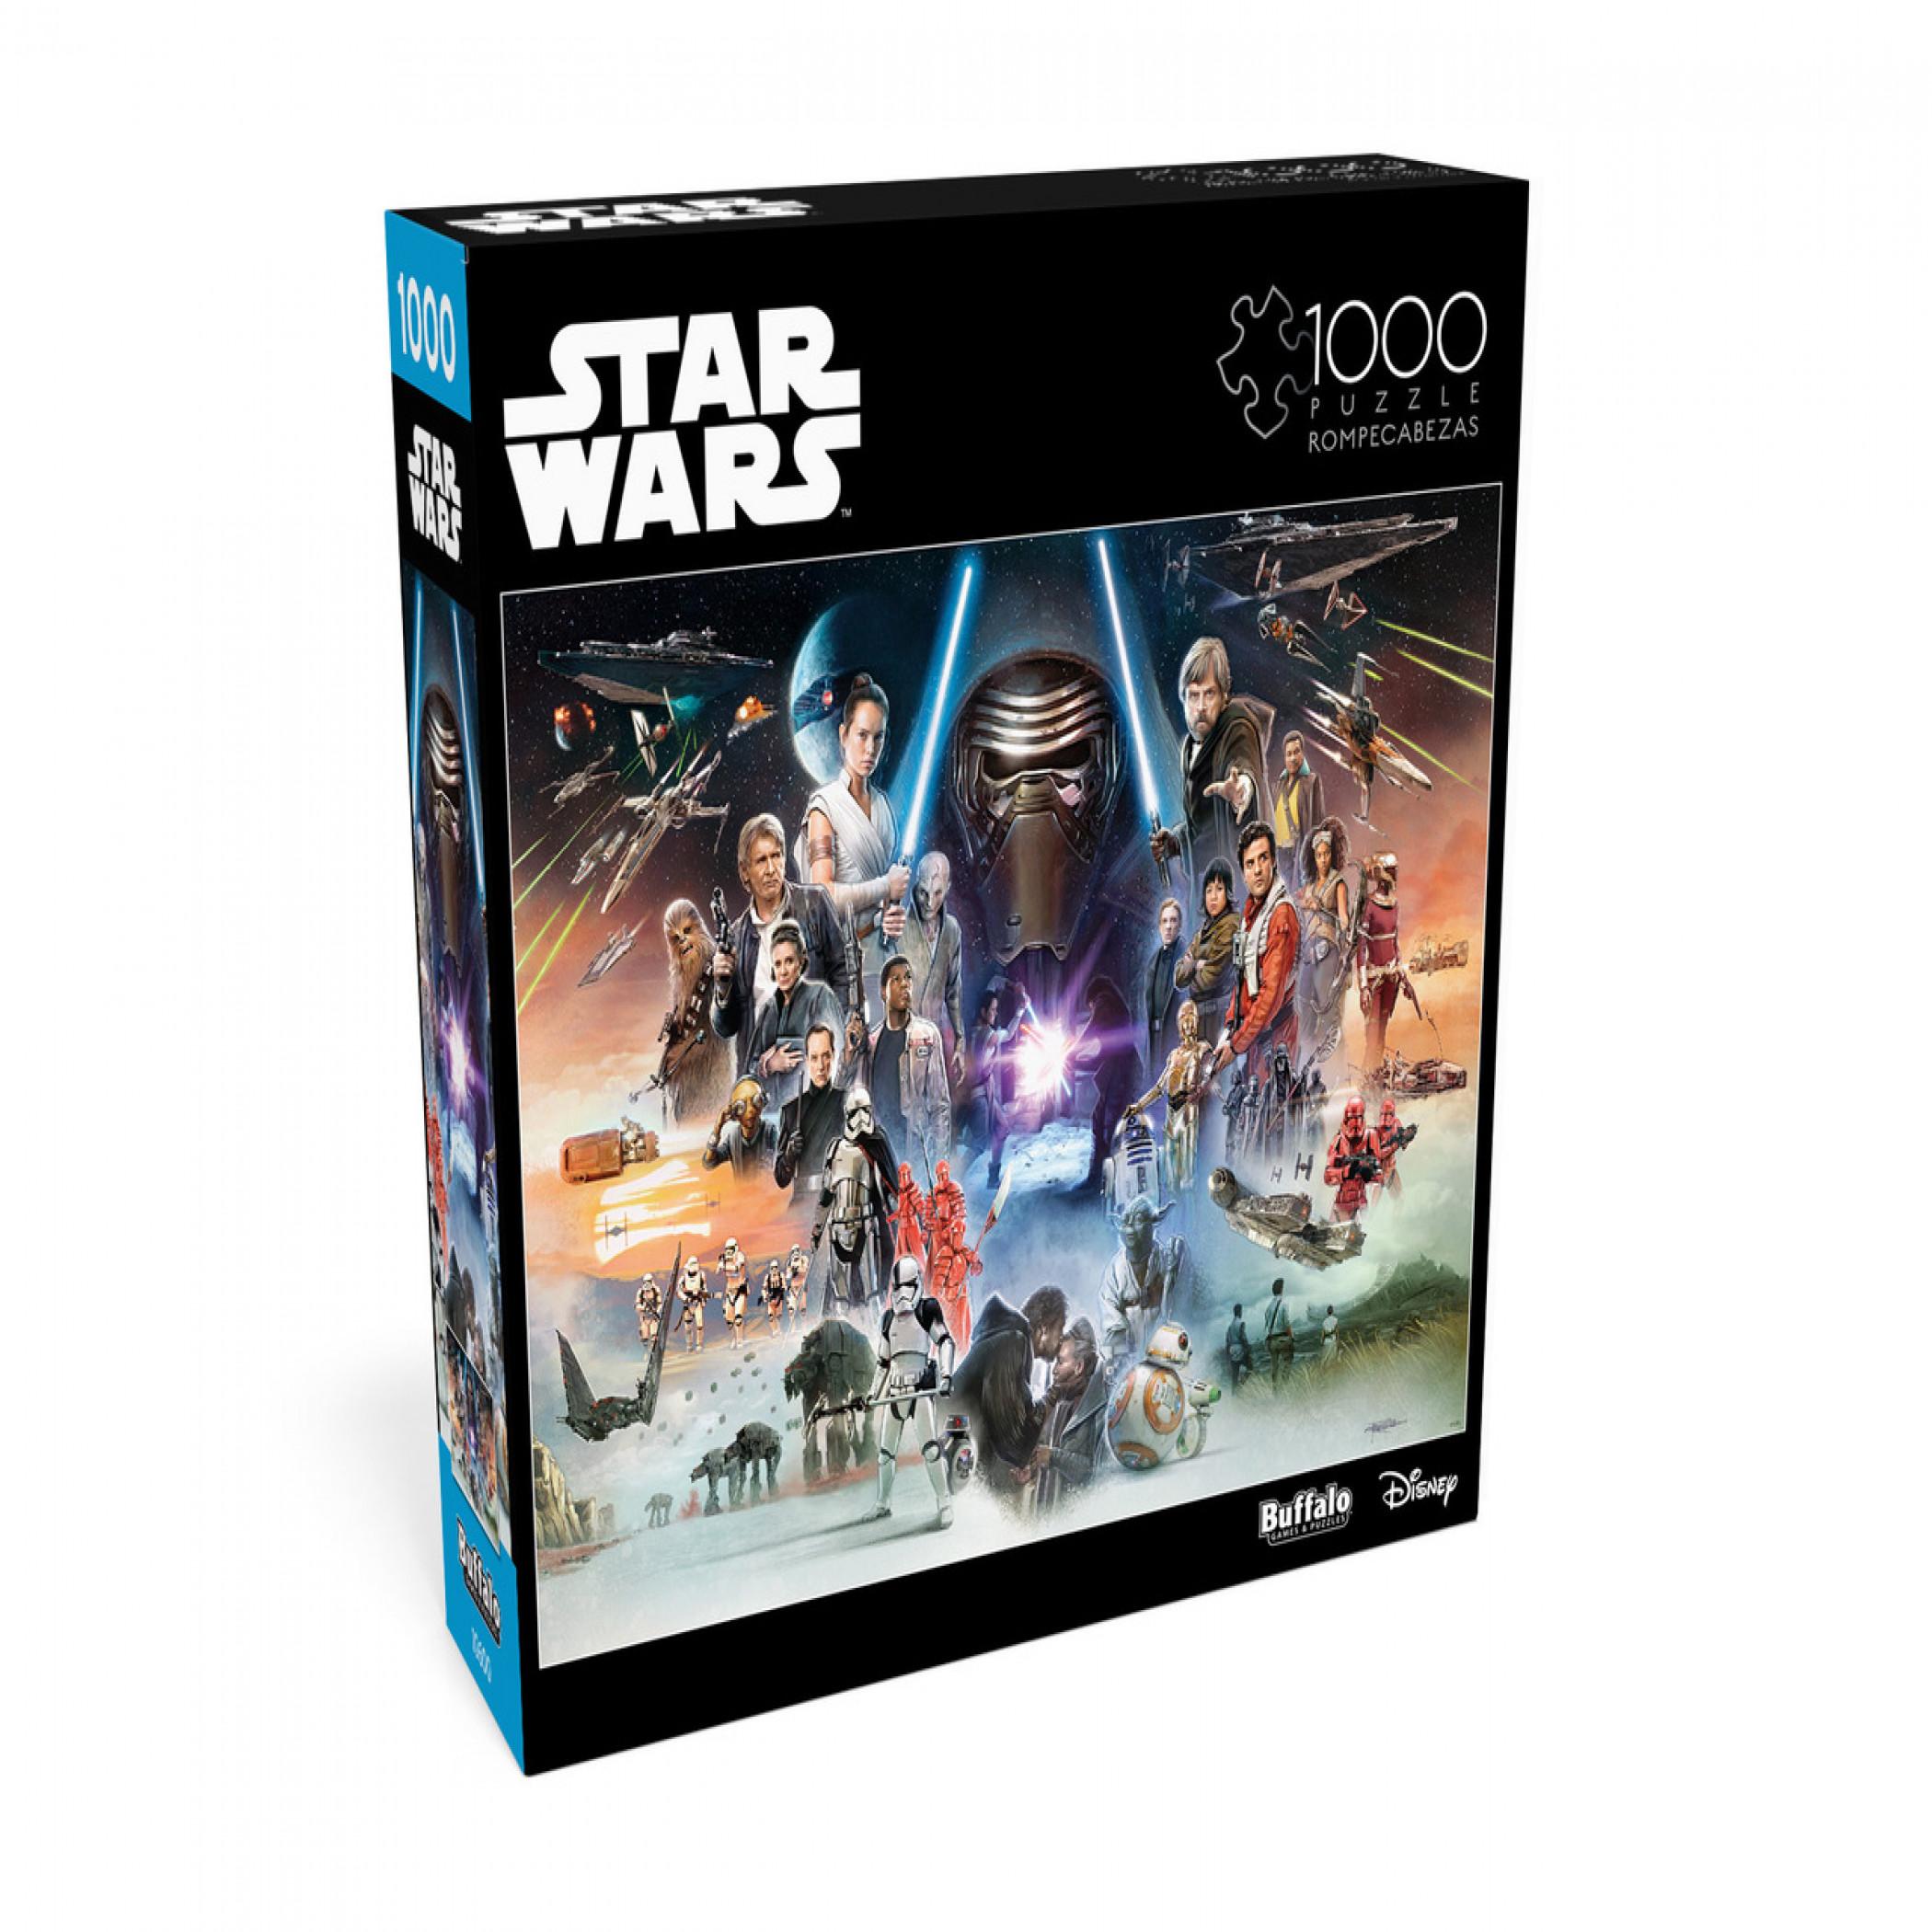 Star Wars Skywalker Saga 1000 Piece Buffalo Games Jigsaw Puzzle